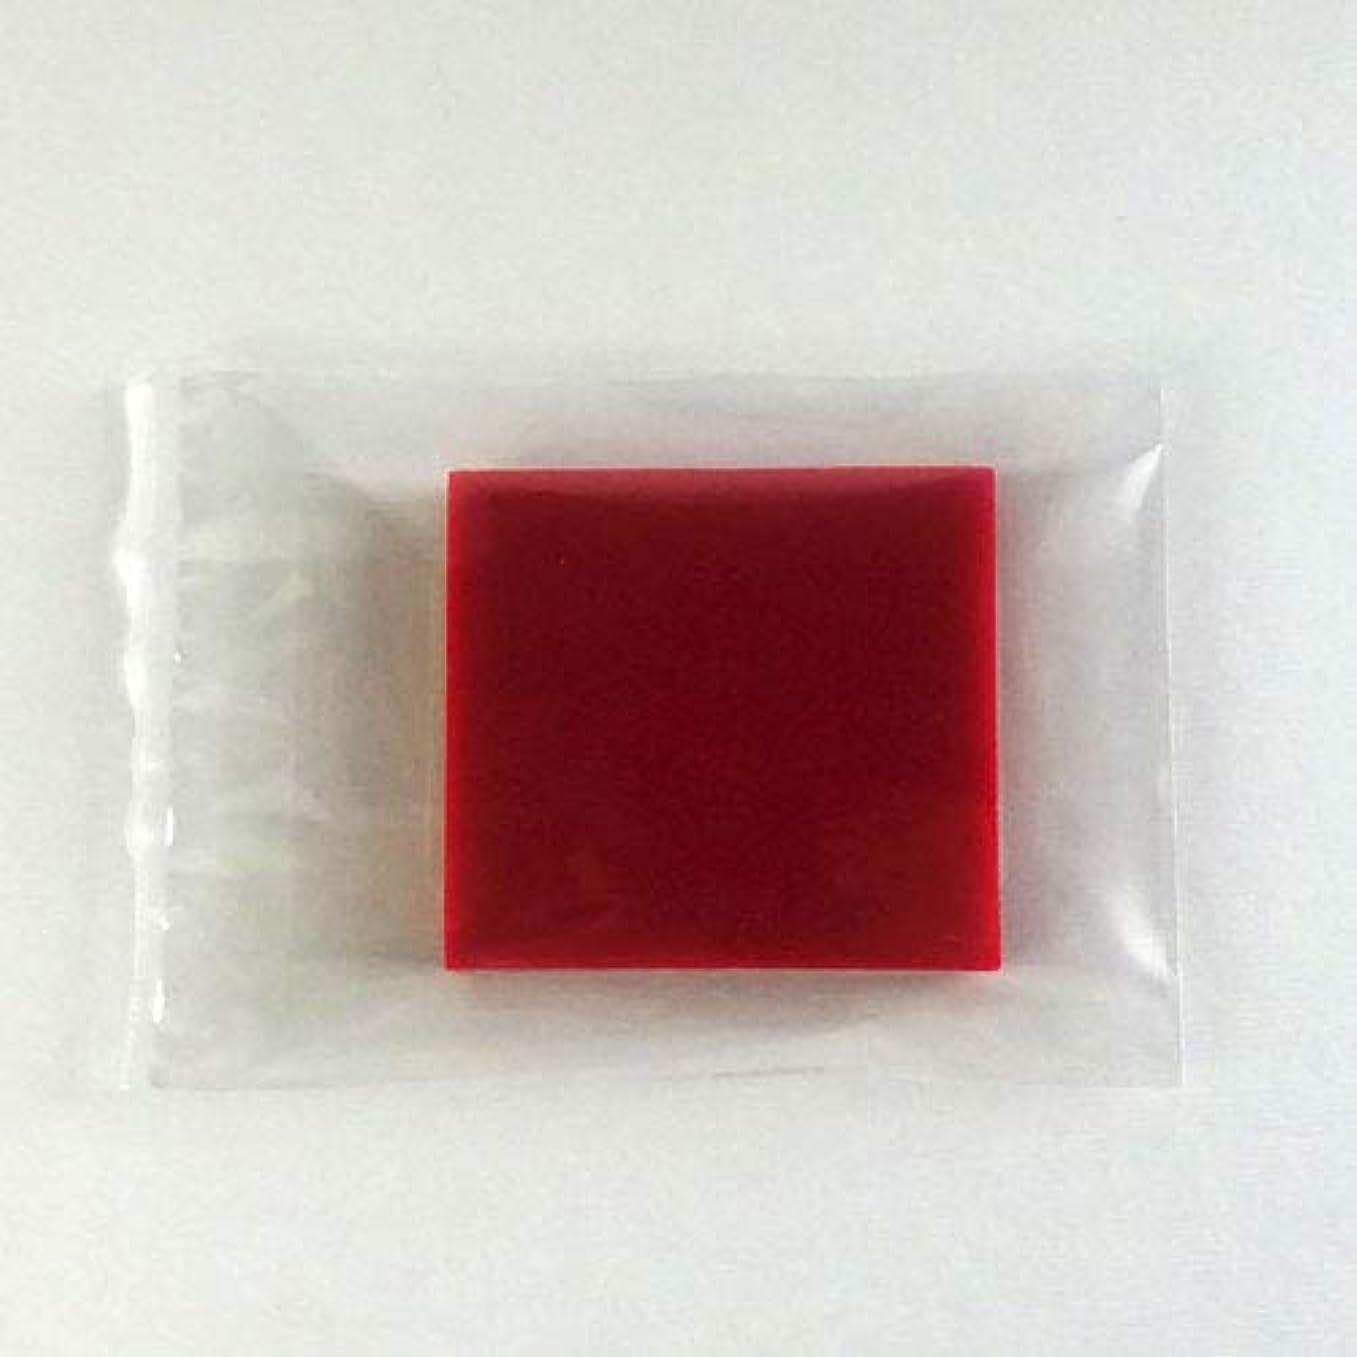 エキサイティング薄いですブルジョングリセリンソープ MPソープ 色チップ 赤(レッド) 30g